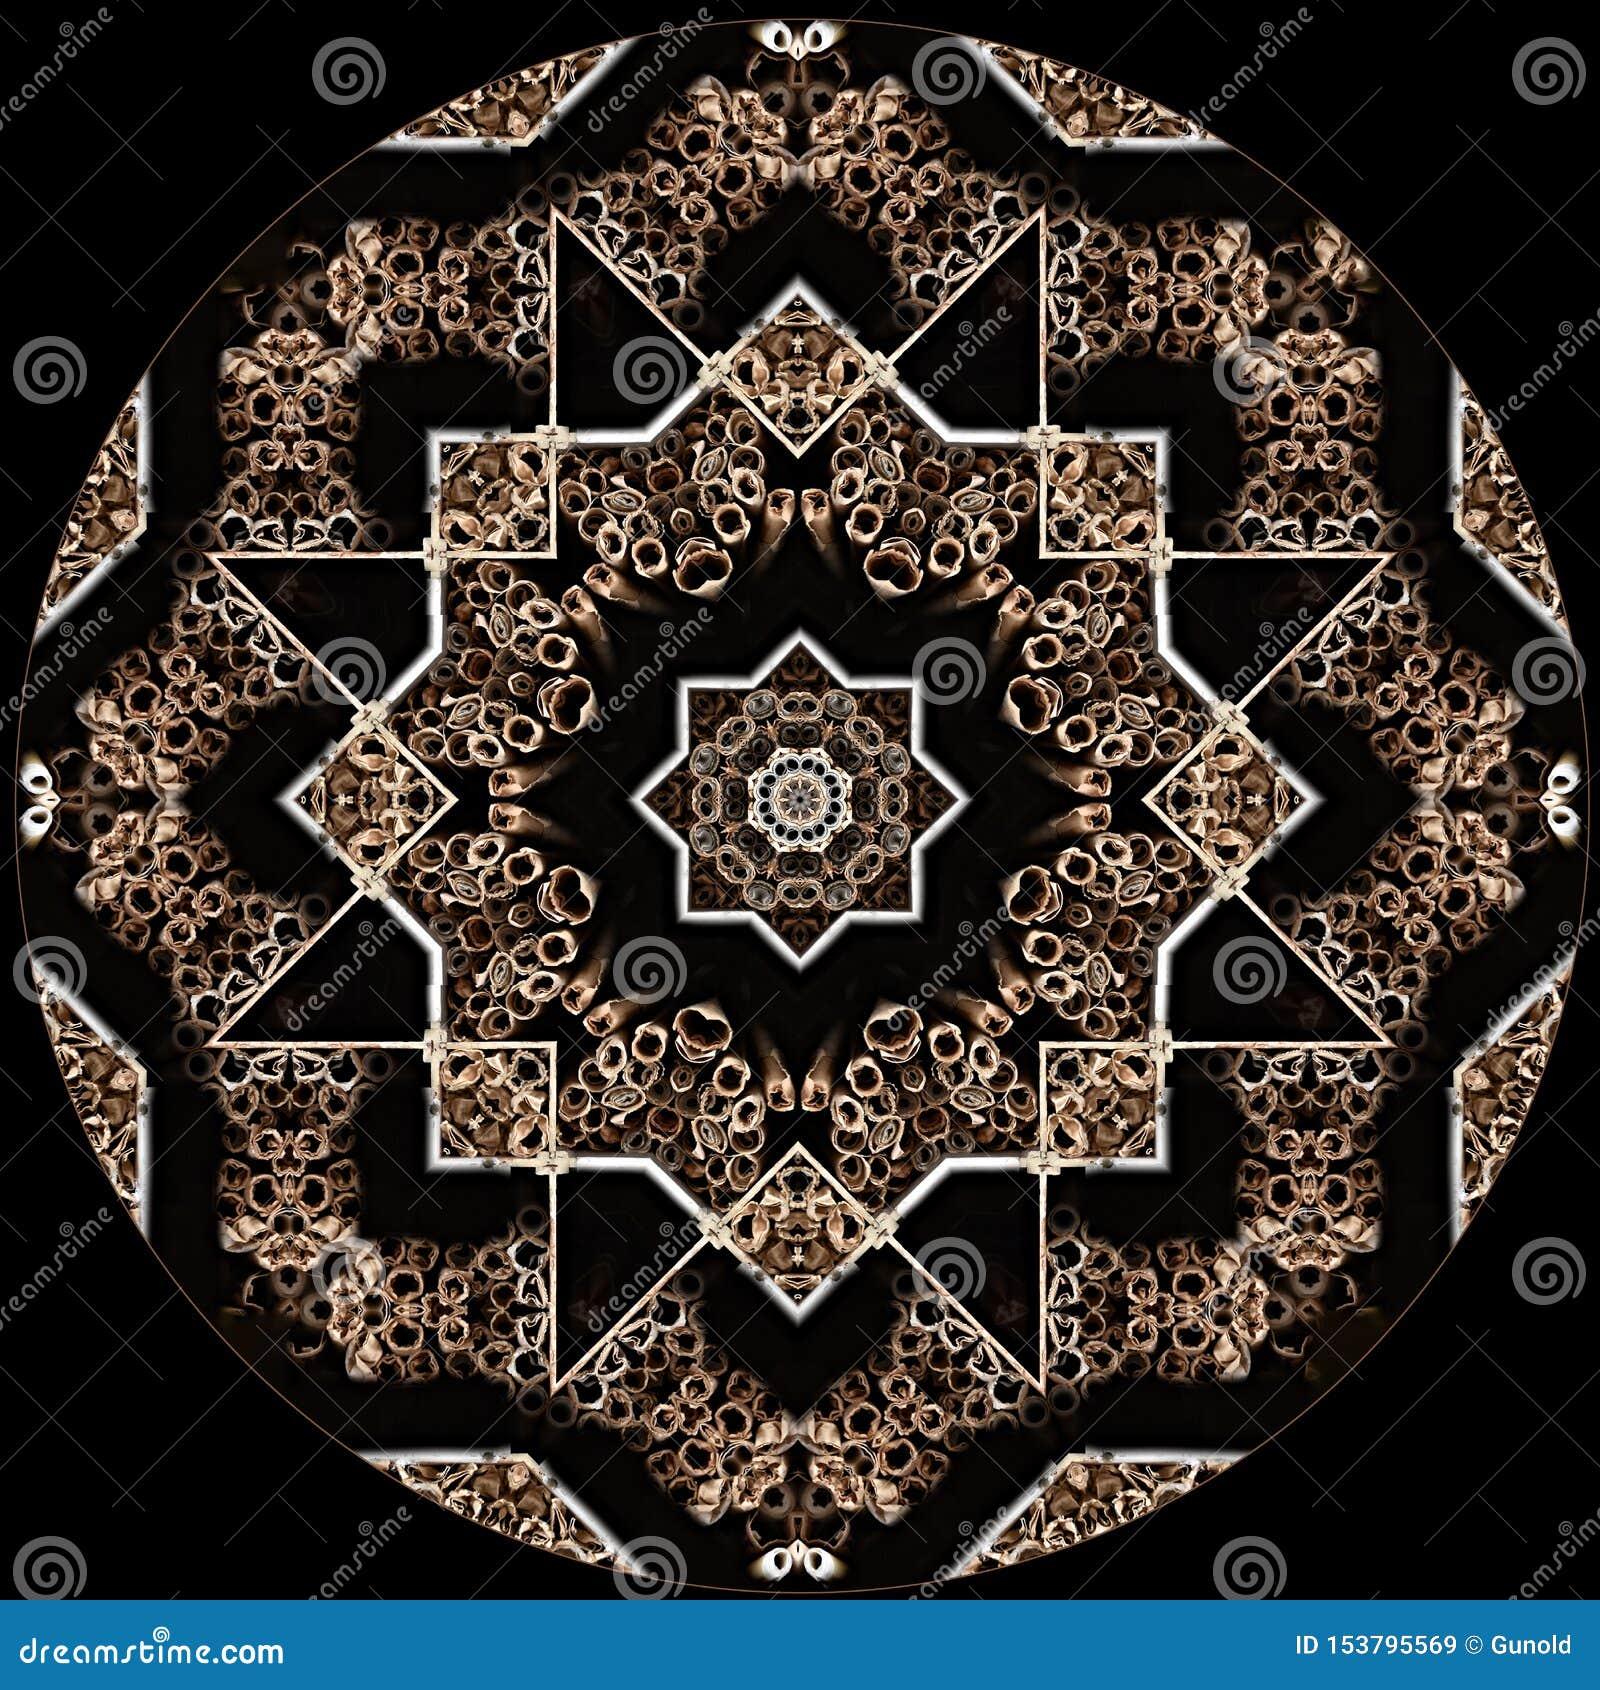 Digital art design star texture on black